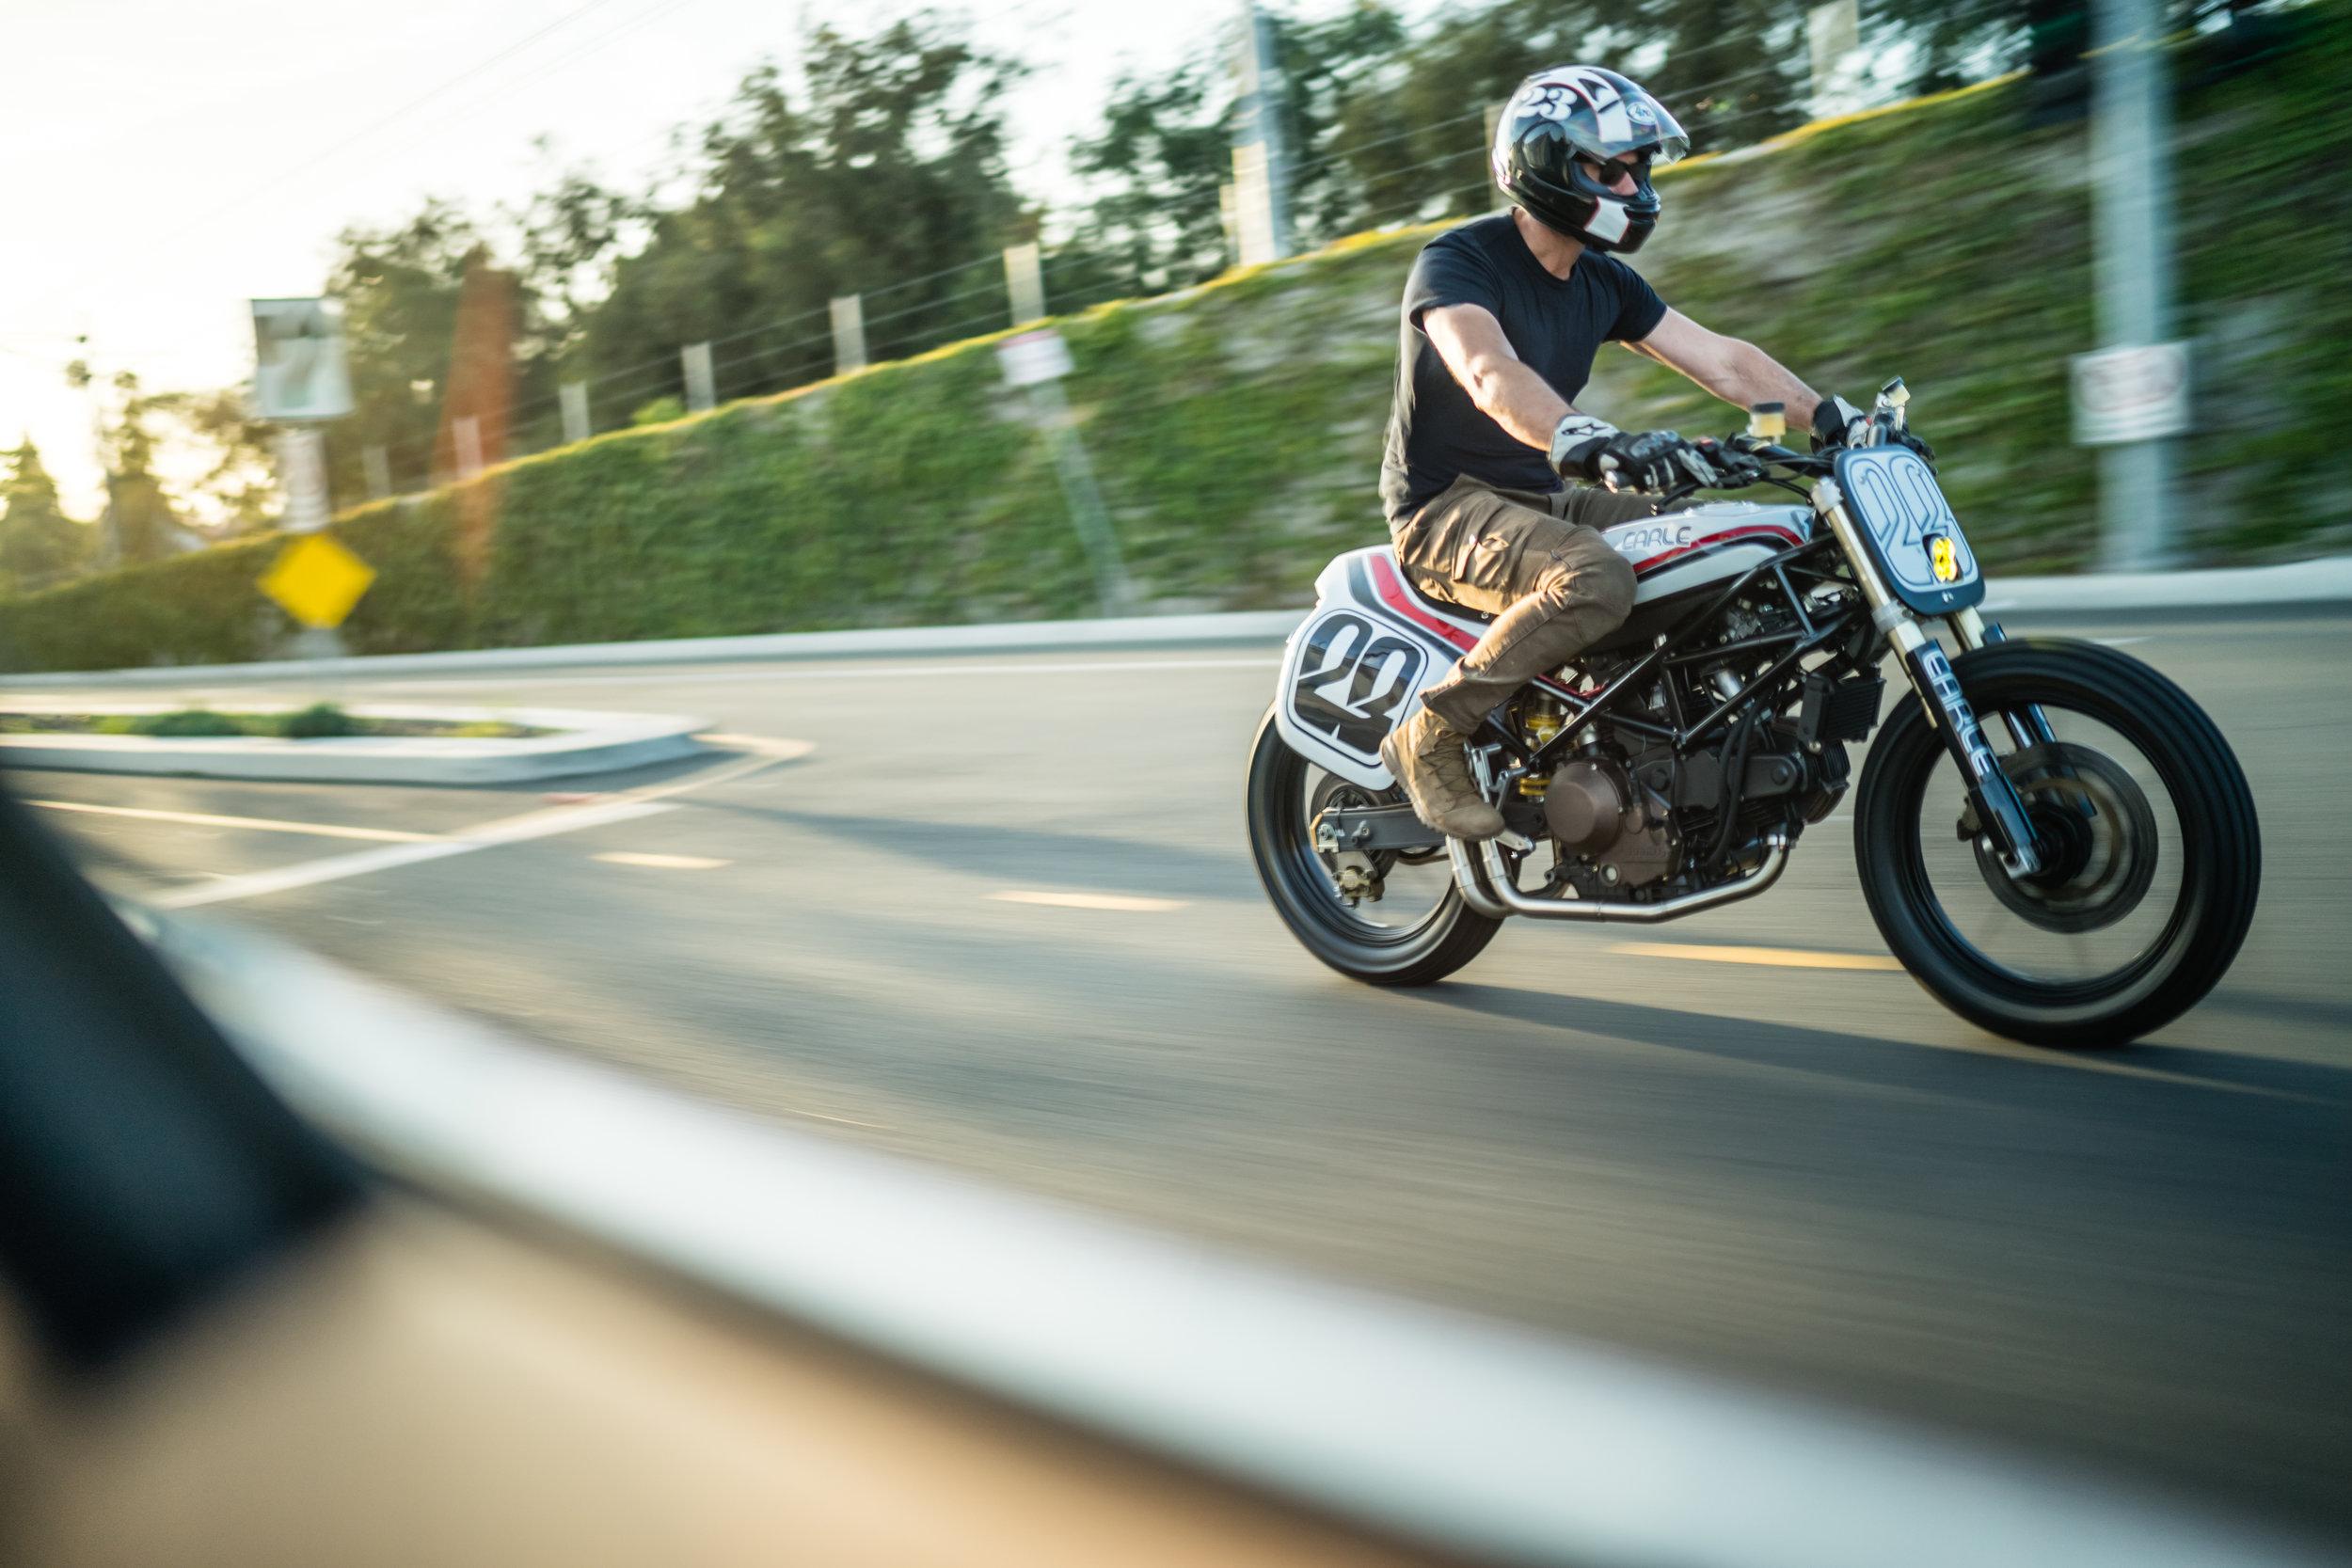 rider 2.jpg